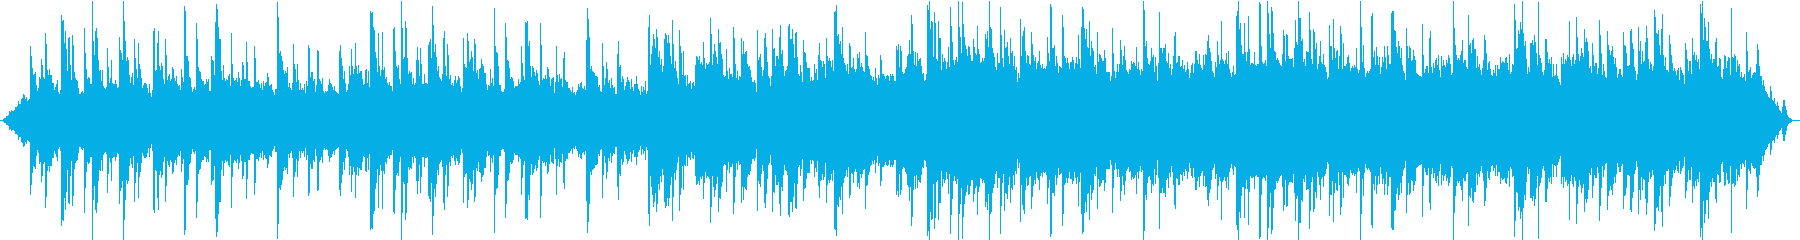 森とピアノが印象的なヒーリング音楽の再生済みの波形